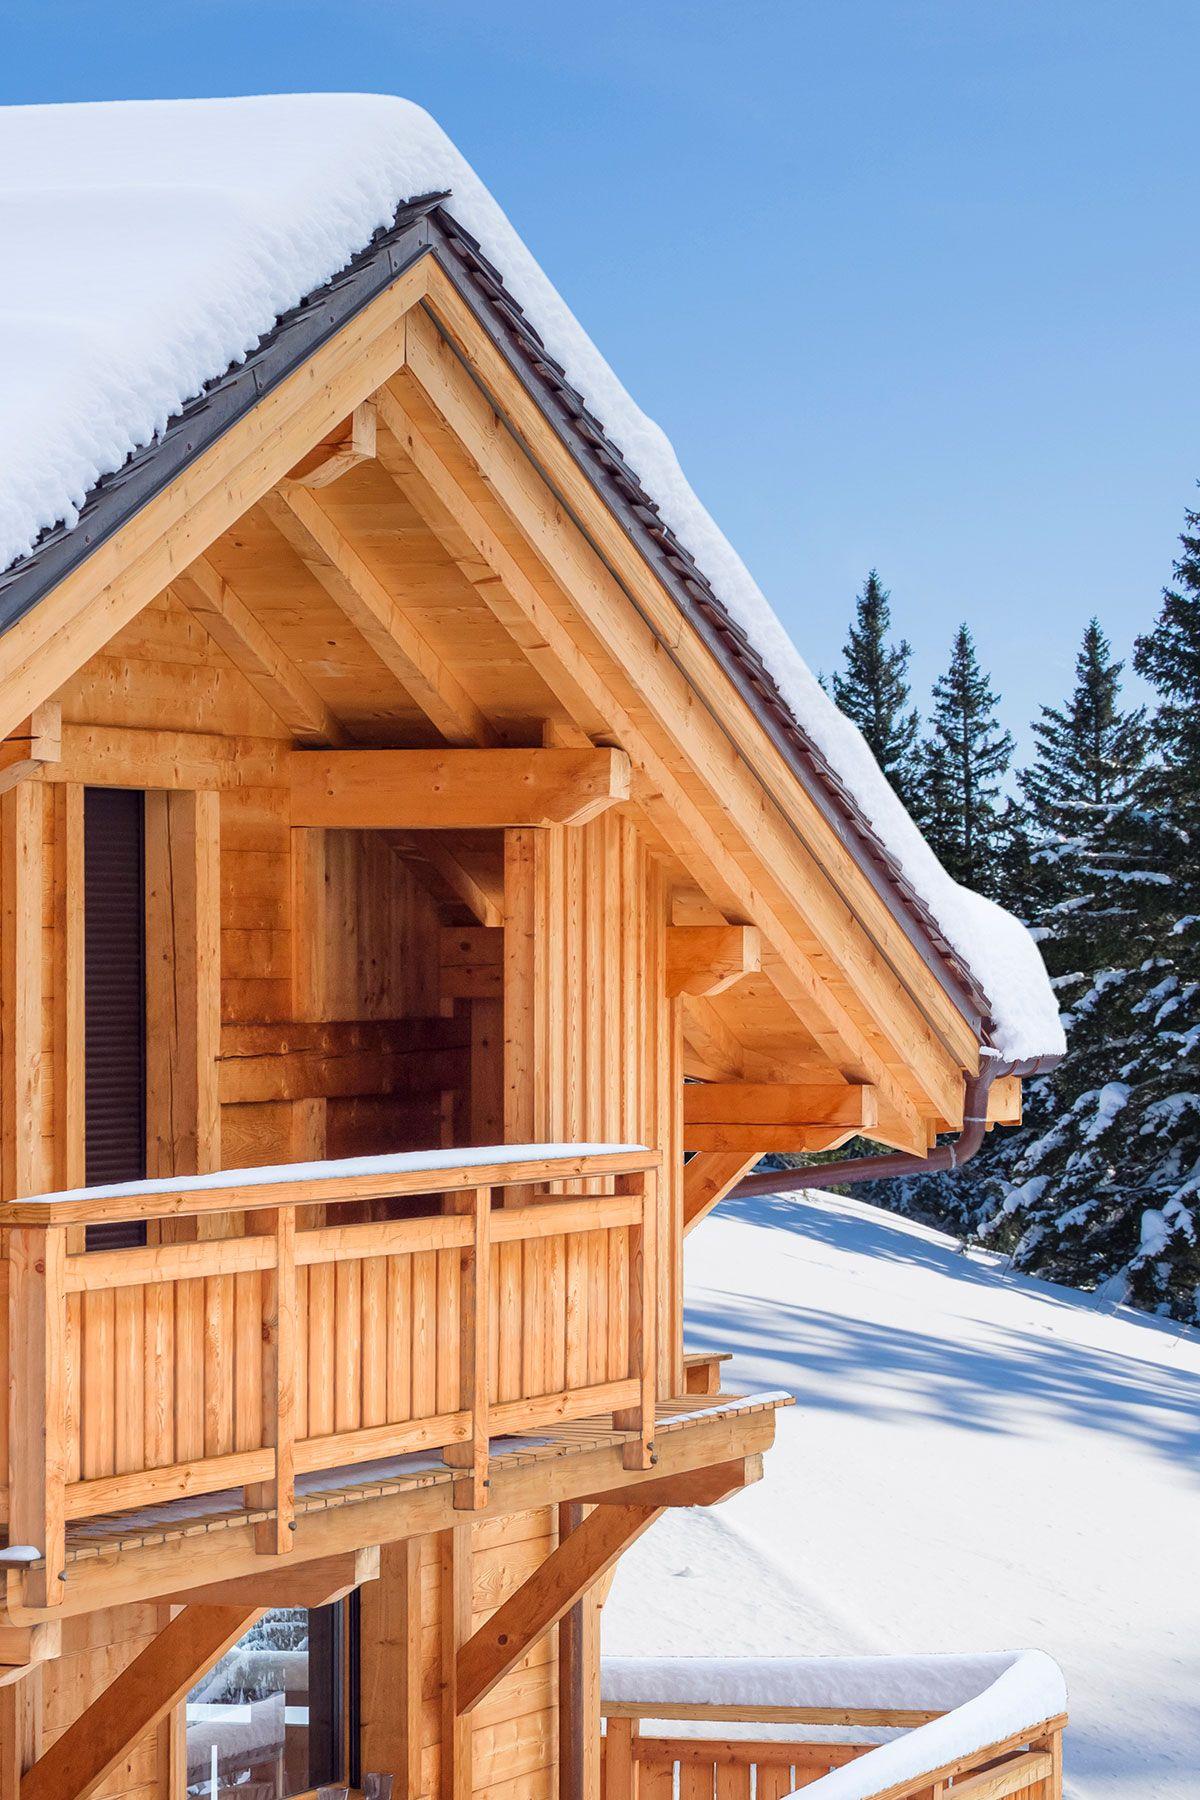 Proteger Votre Chalet En Bois Avant L Hiver Lasure Climats Extremes V33 Lasure Chalet Bois